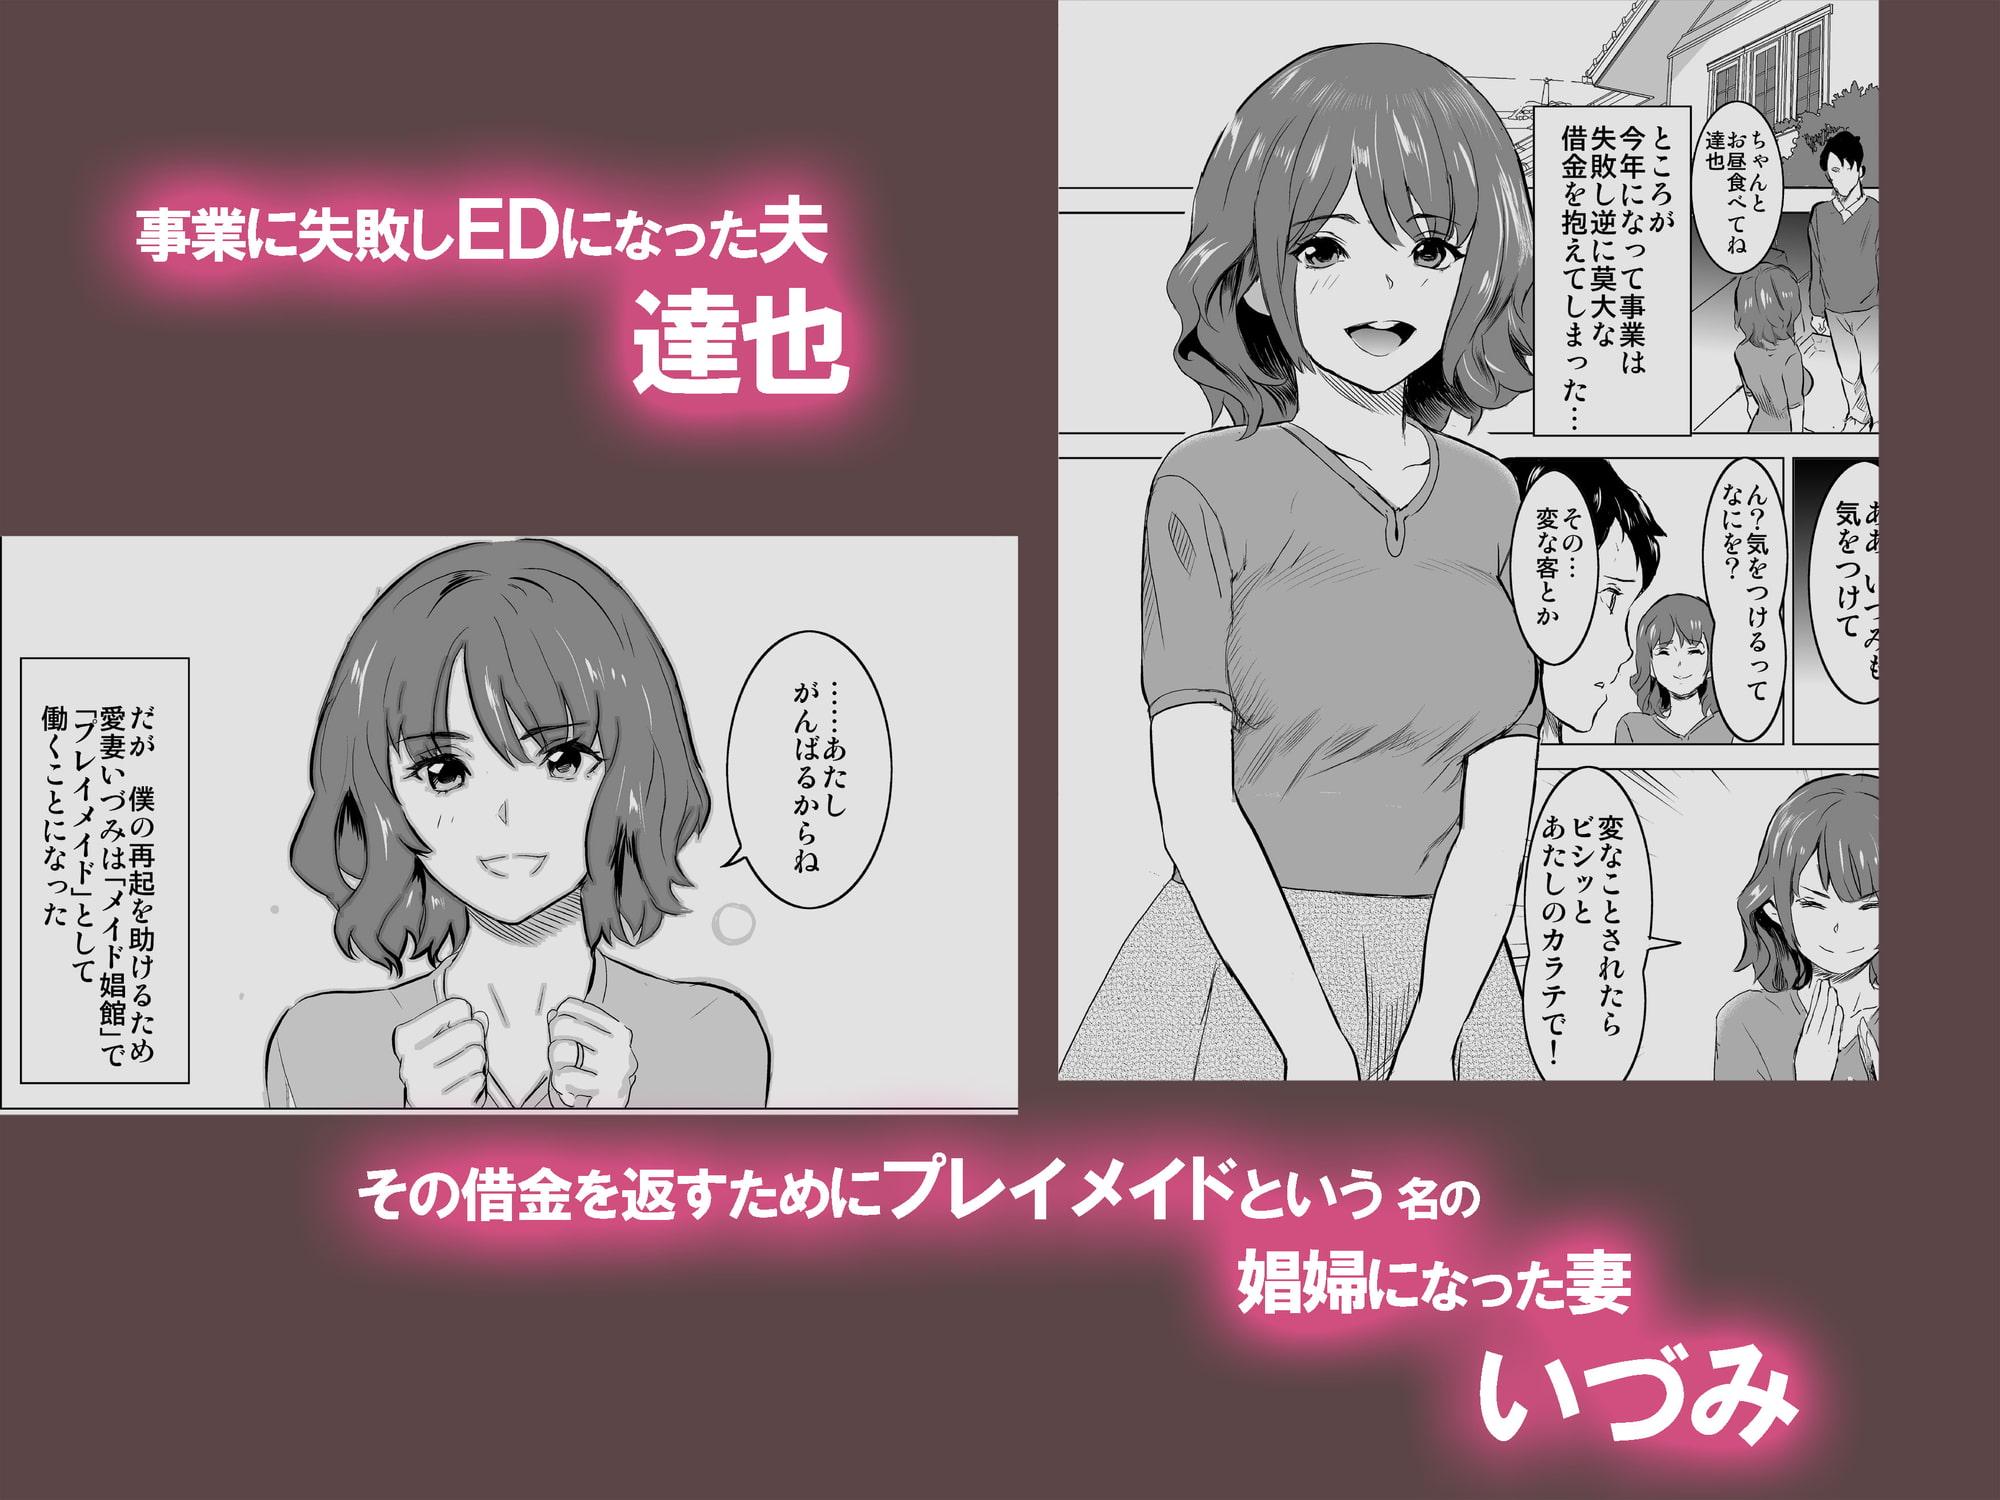 娼婦になった妻が絶頂ベロキス生中出しされた日 ~入店編~